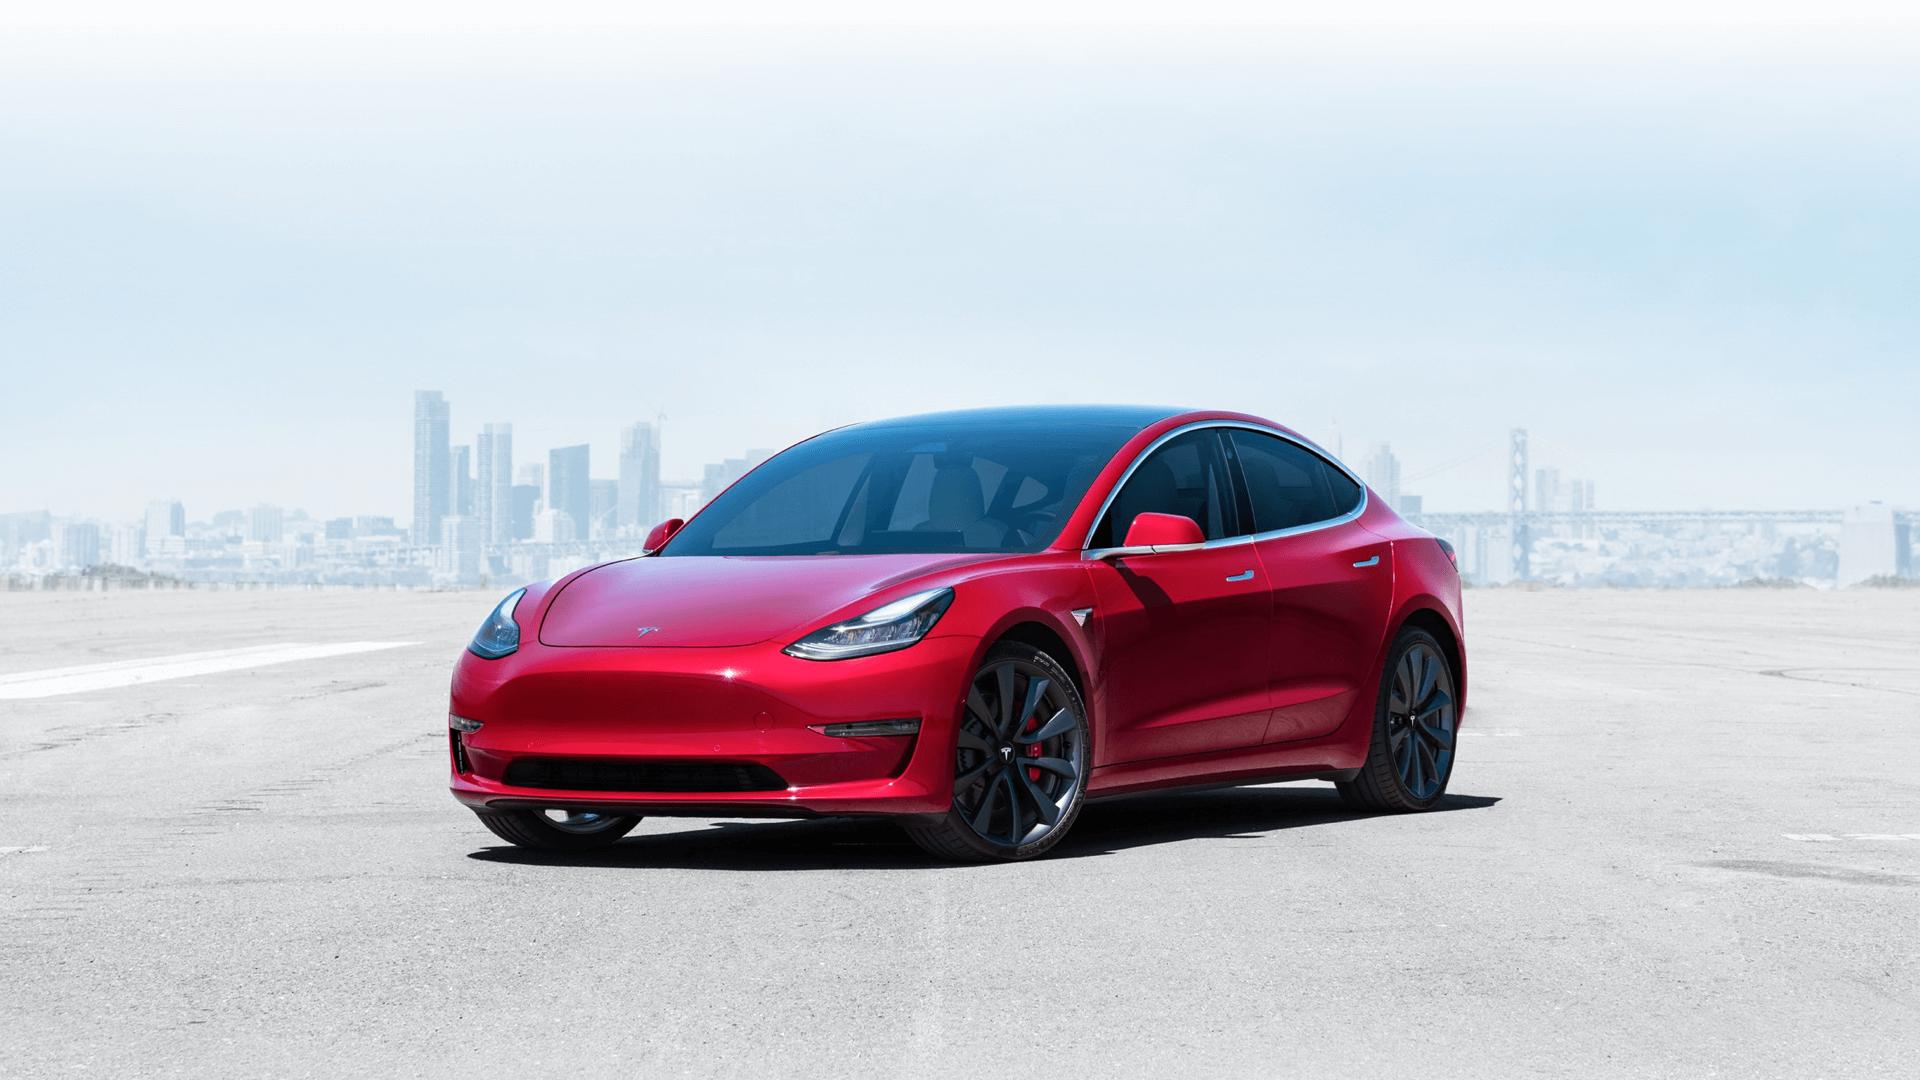 特斯拉第一季營收增 74% Model 3 成全球最熱銷高階房車